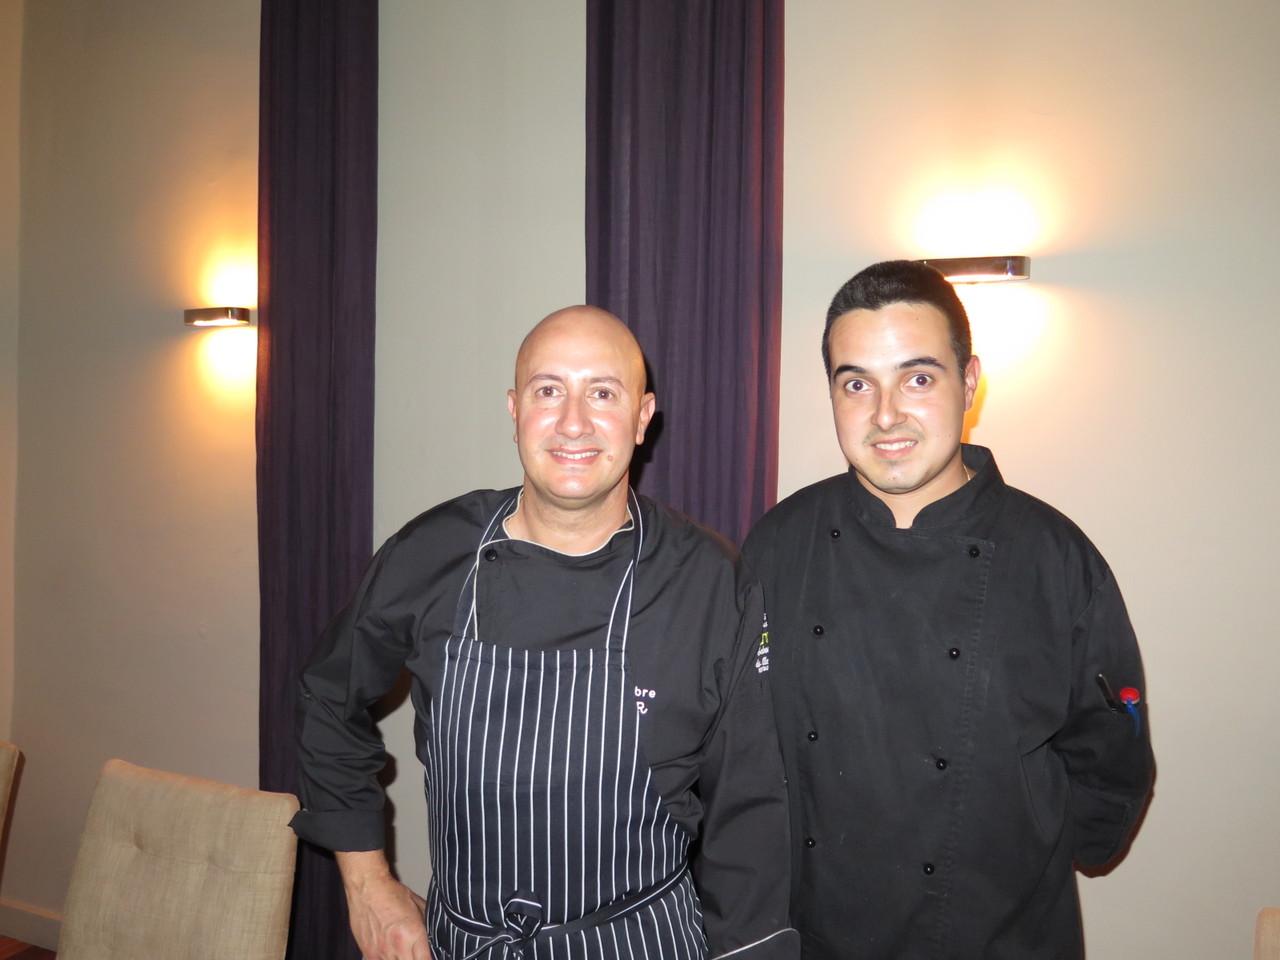 António Nobre e o sub-chef Tiago Moreno